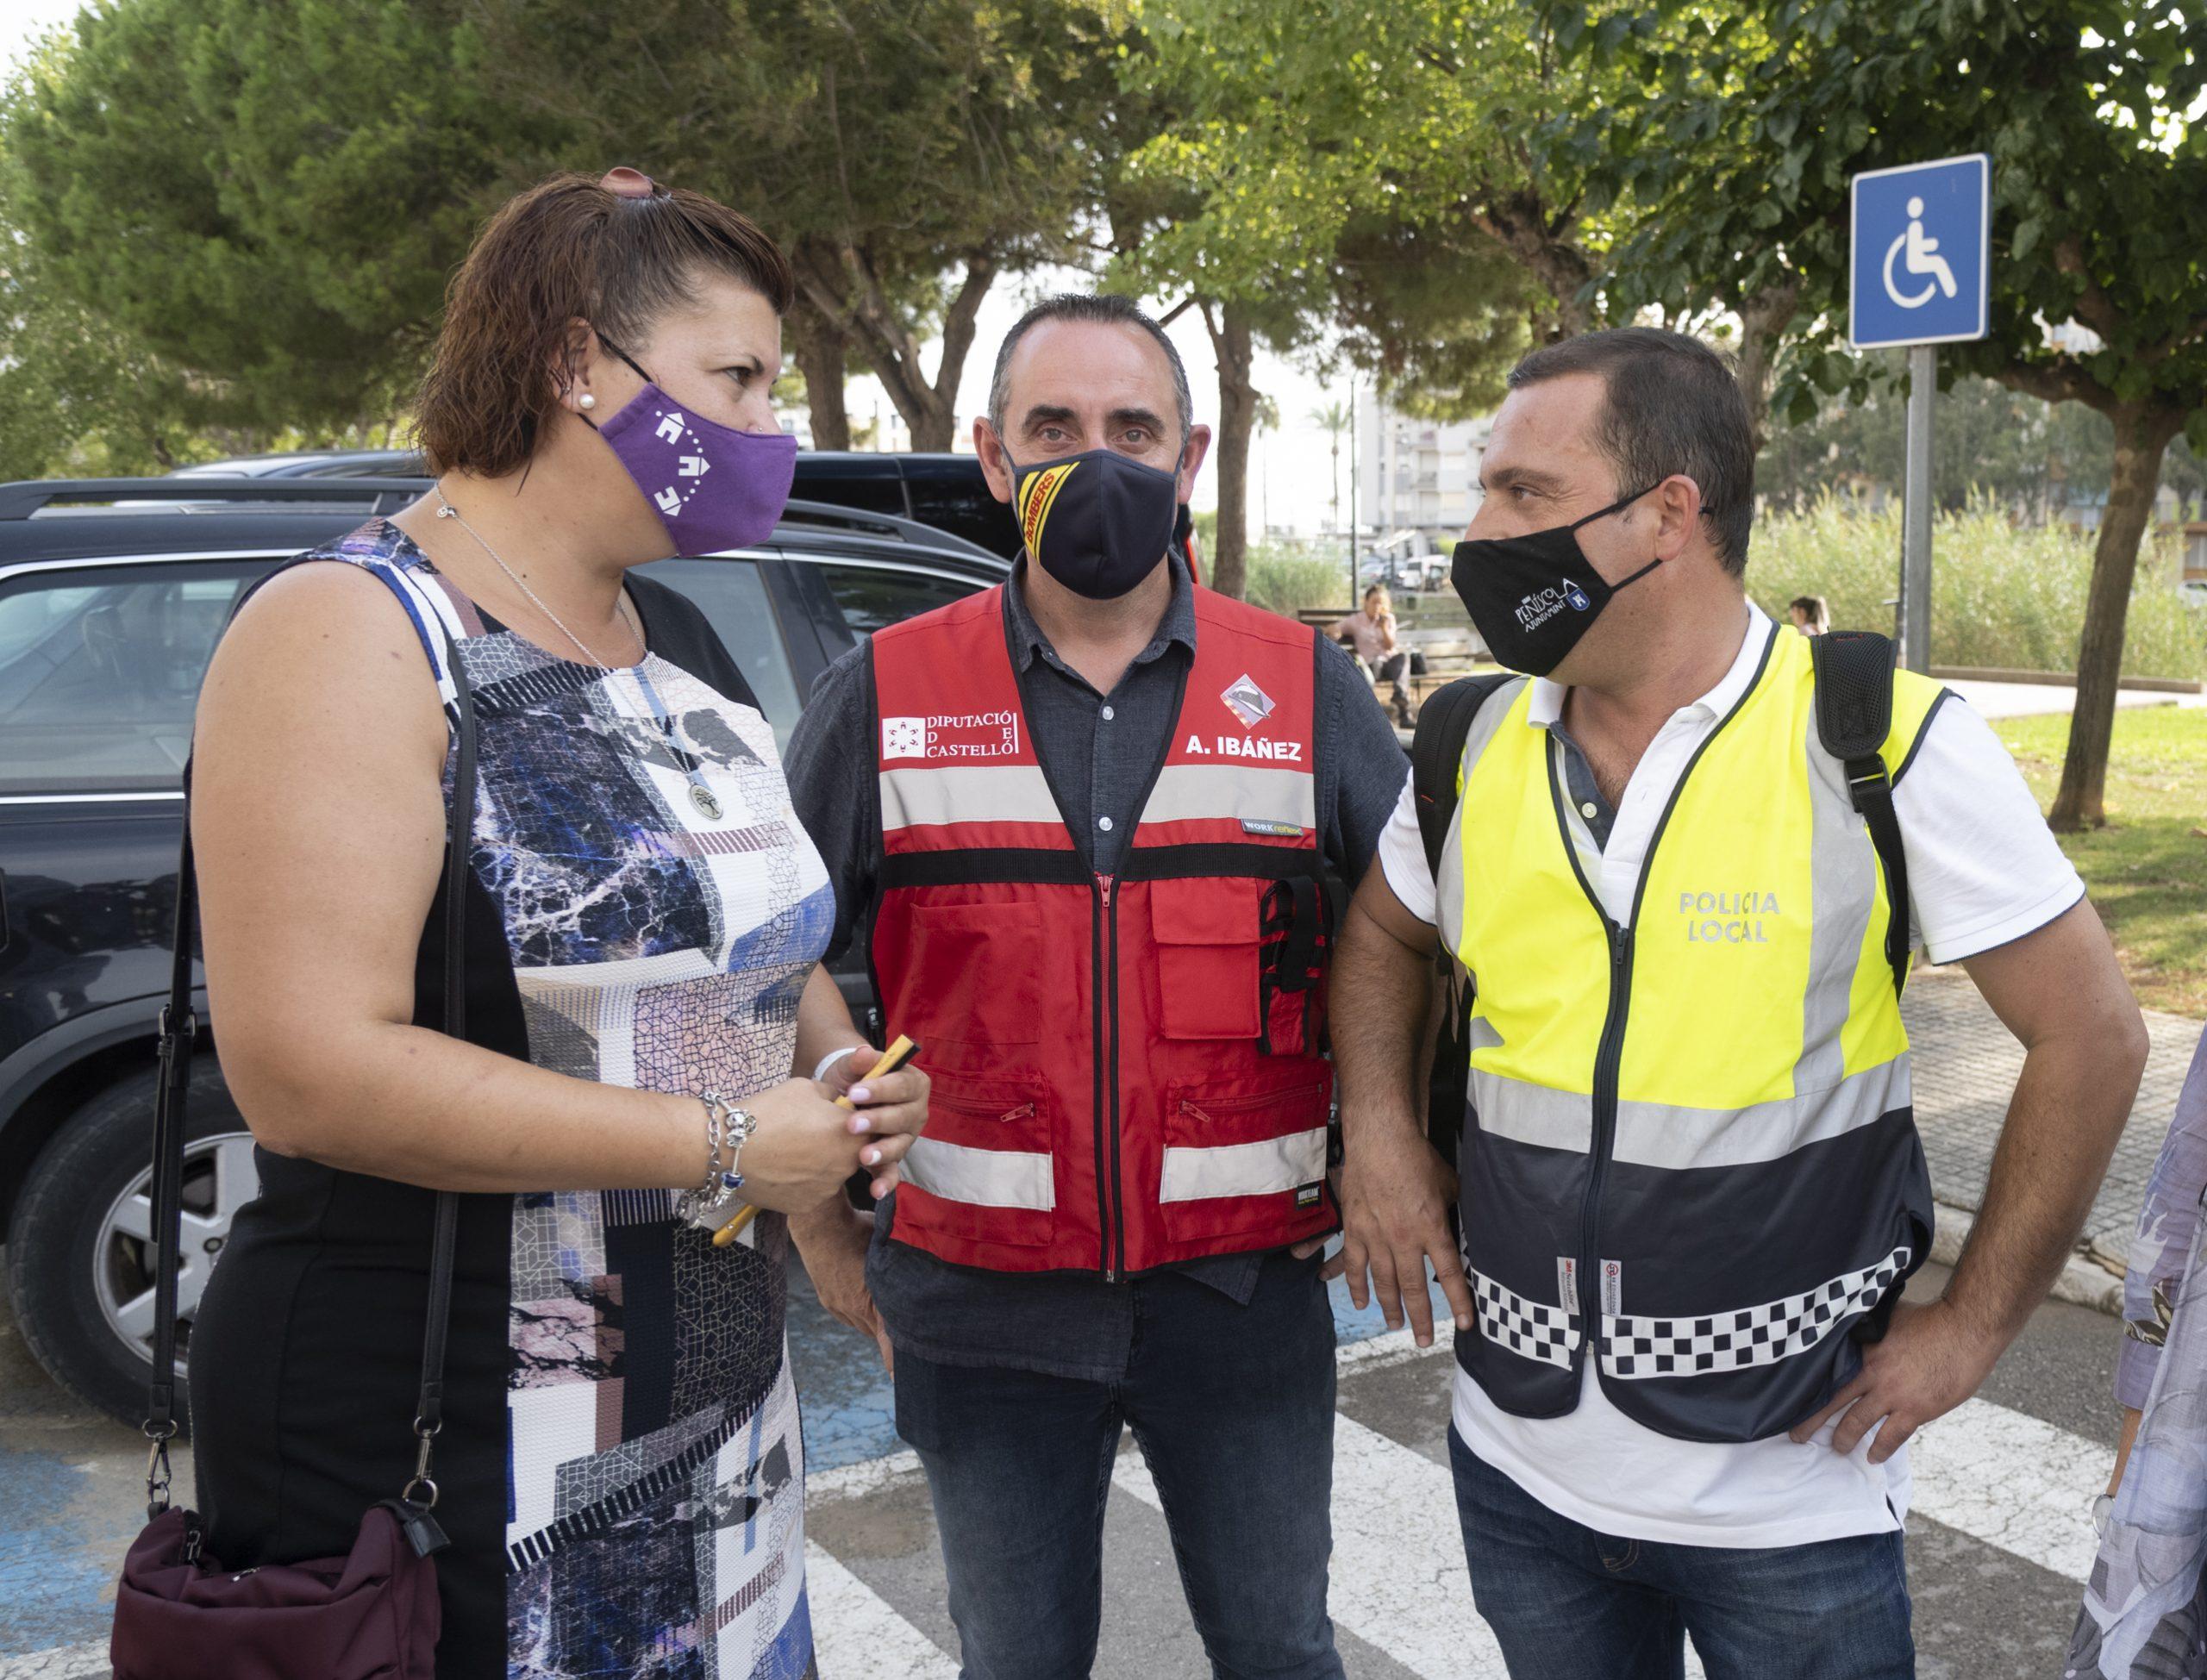 La Diputación de Castellón traslada al Ayuntamiento de Peñíscola y a la Generalitat su disposición para ayudar en el realojo de las familias afectadas por el derrumbe de un edificio de apartamentos